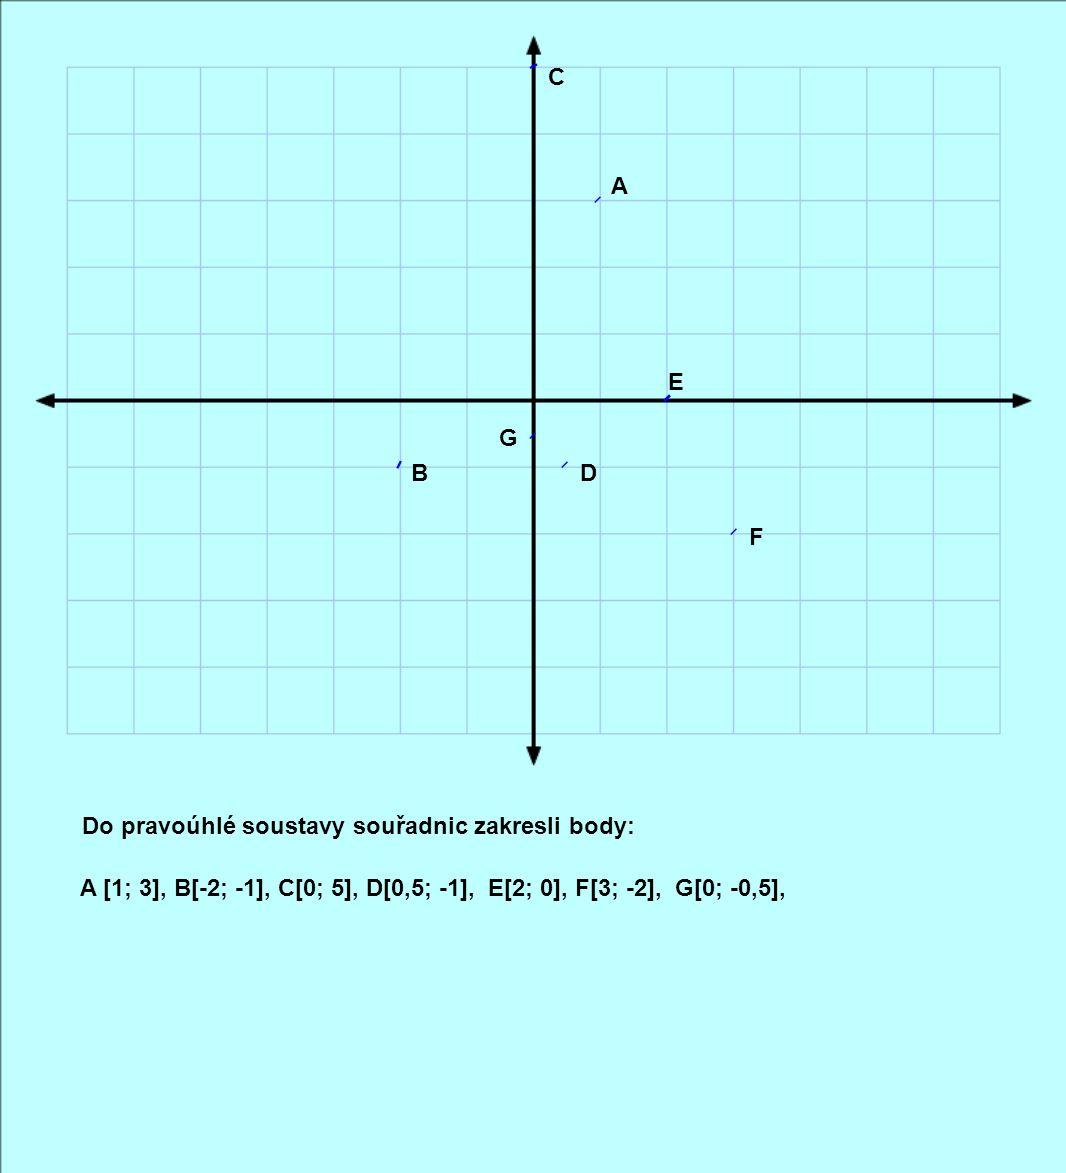 Do pravoúhlé soustavy souřadnic zakresli body: A [1; 3], B[-2; -1], C[0; 5], D[0,5; -1], E[2; 0], F[3; -2], G[0; -0,5], A B C D E F G